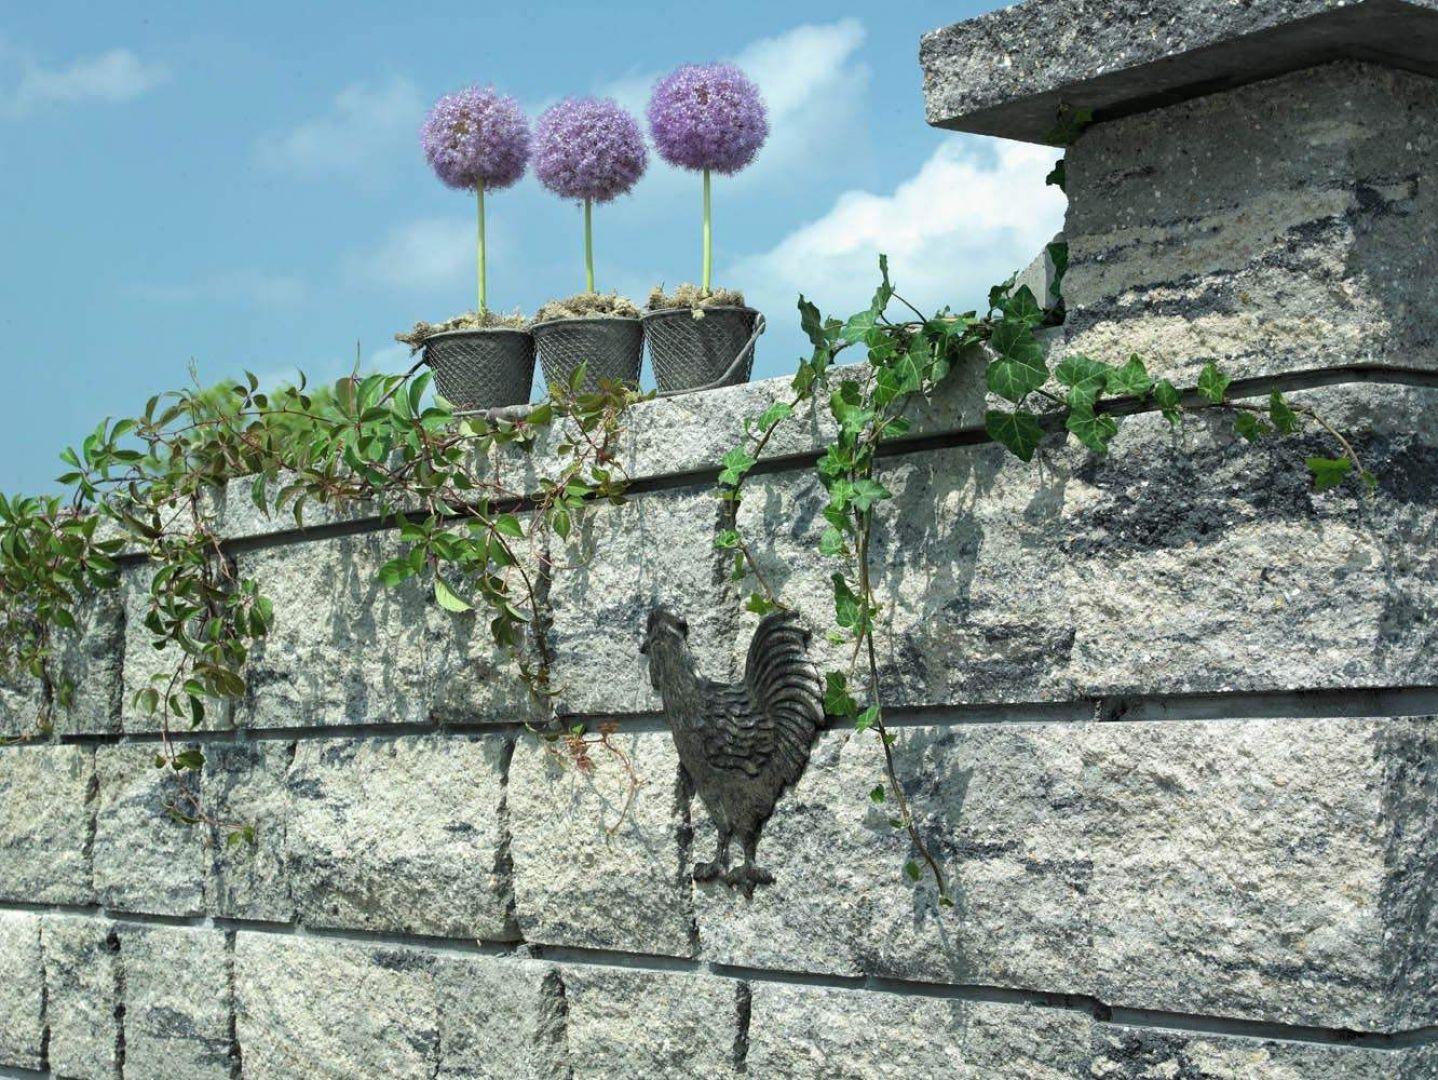 Nieregularna struktura elementów Murano oddaje wrażenie naturalnego kamienia. Elementy są dostępne w melanżu zimowym. Fot. Polbruk